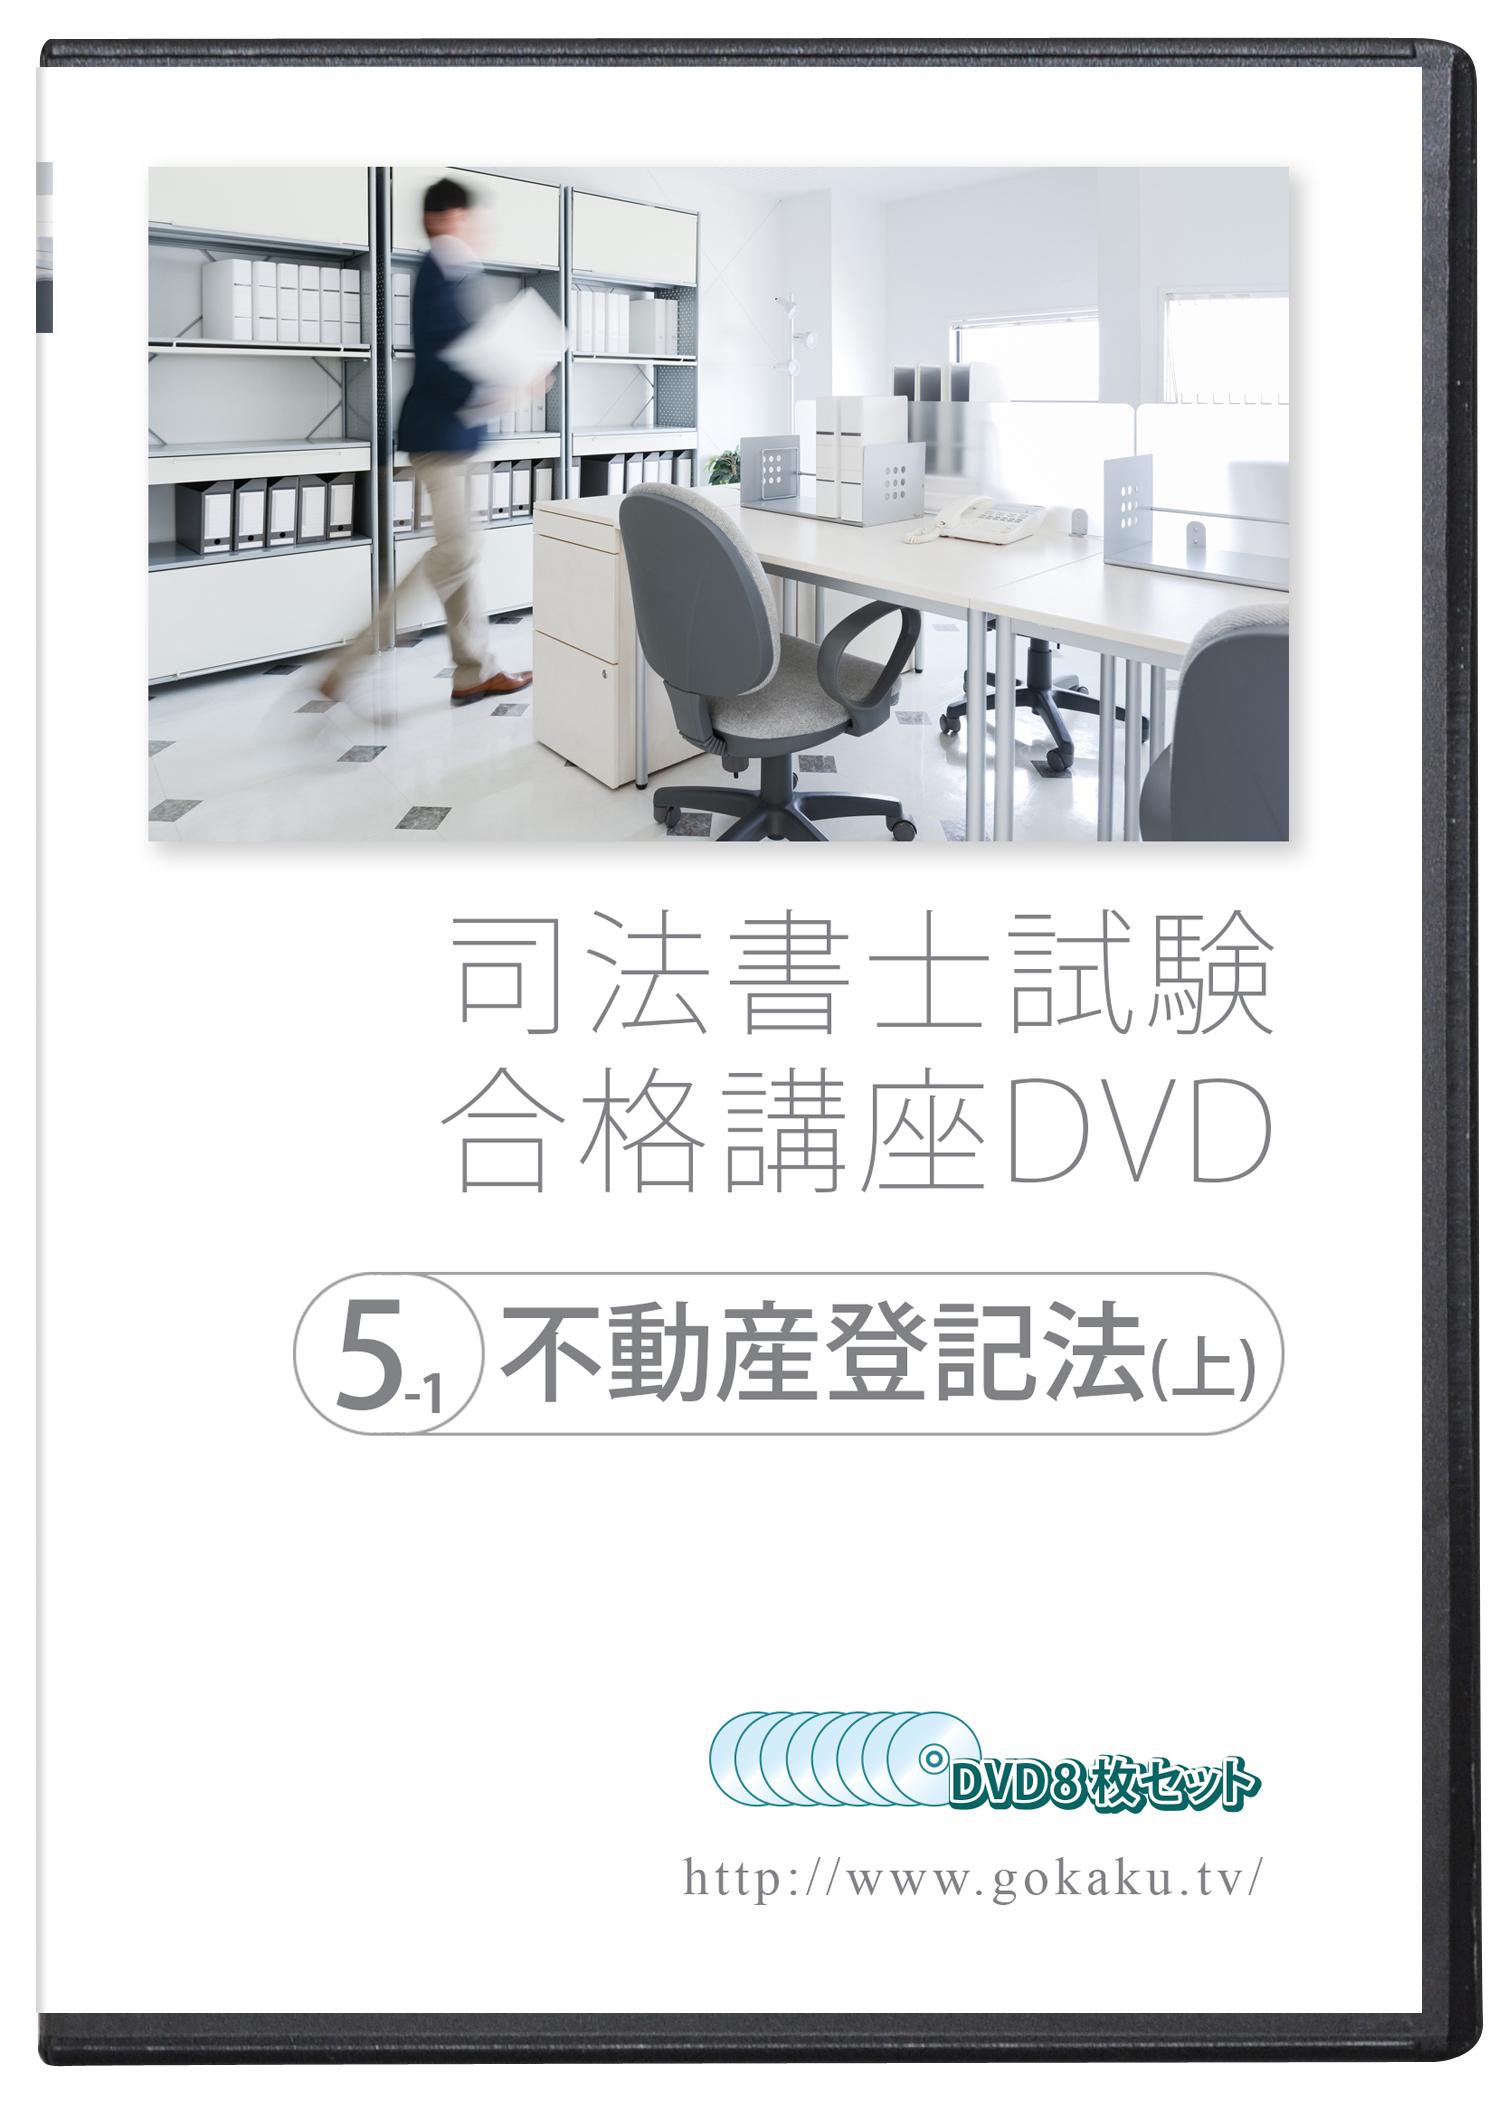 オンラインショップ 2021-2022年 司法書士試験合格講座DVD 5-1不動産登記法 上 DVD8枚セット テキスト付き 直送商品 PDF